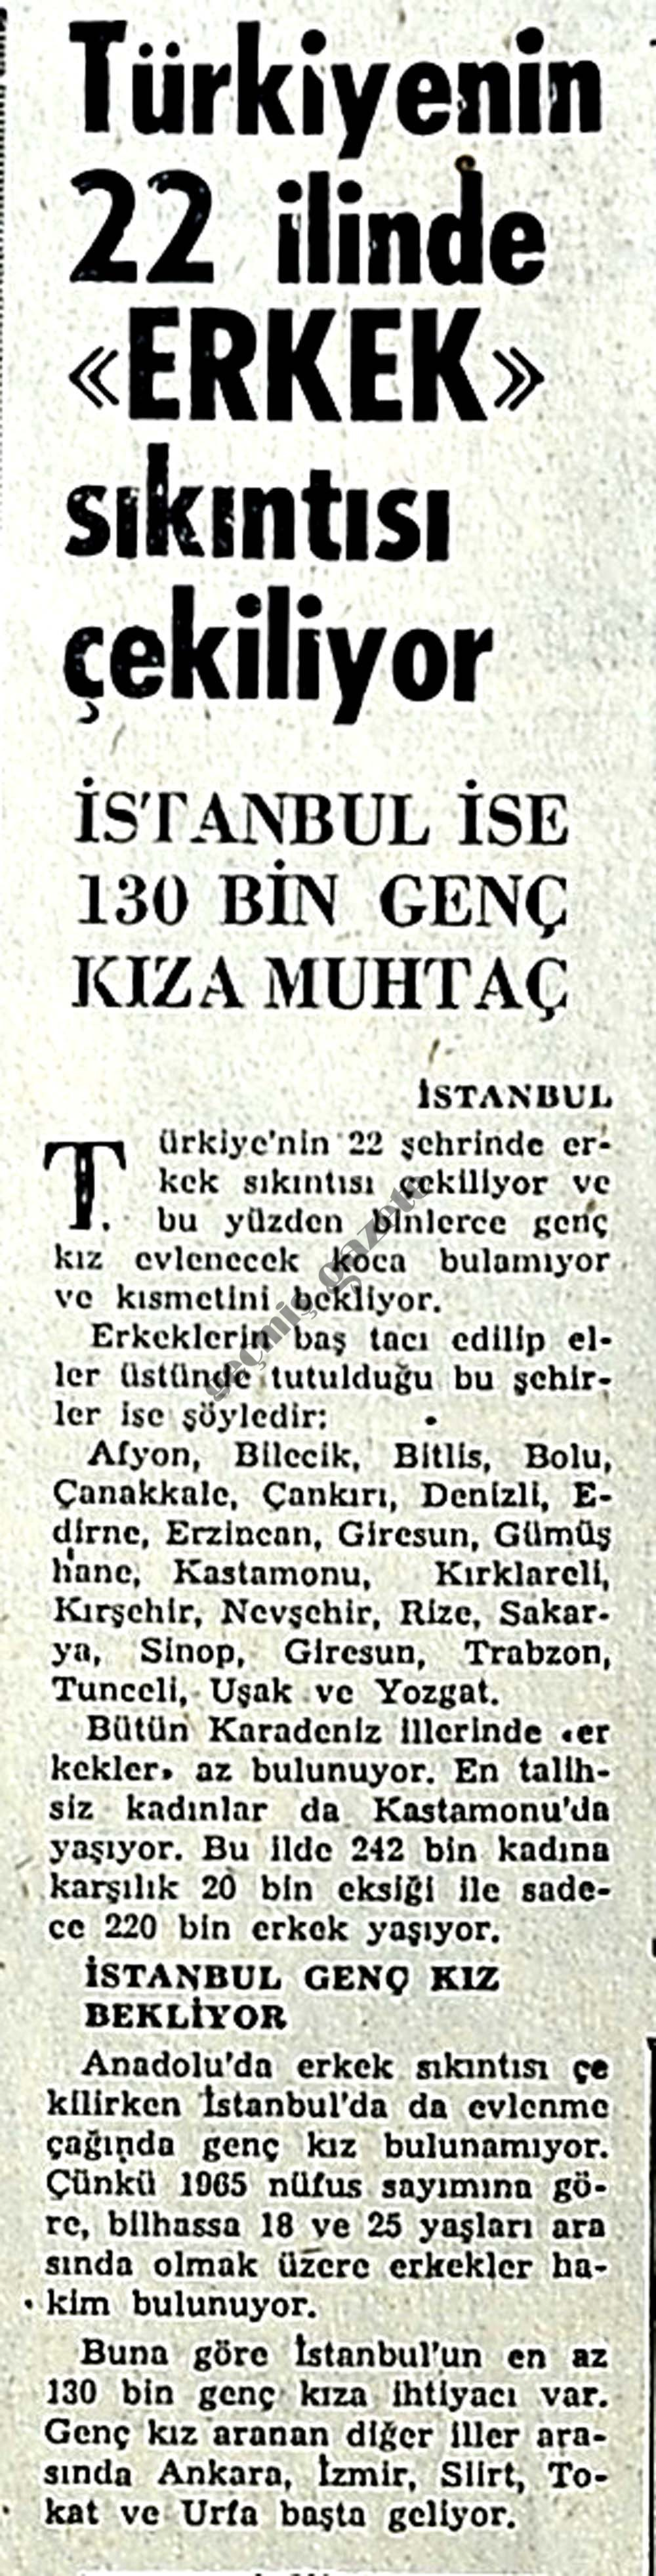 """Türkiye'nin 22 ilinde """"Erkek"""" sıkıntısı çekiliyor"""